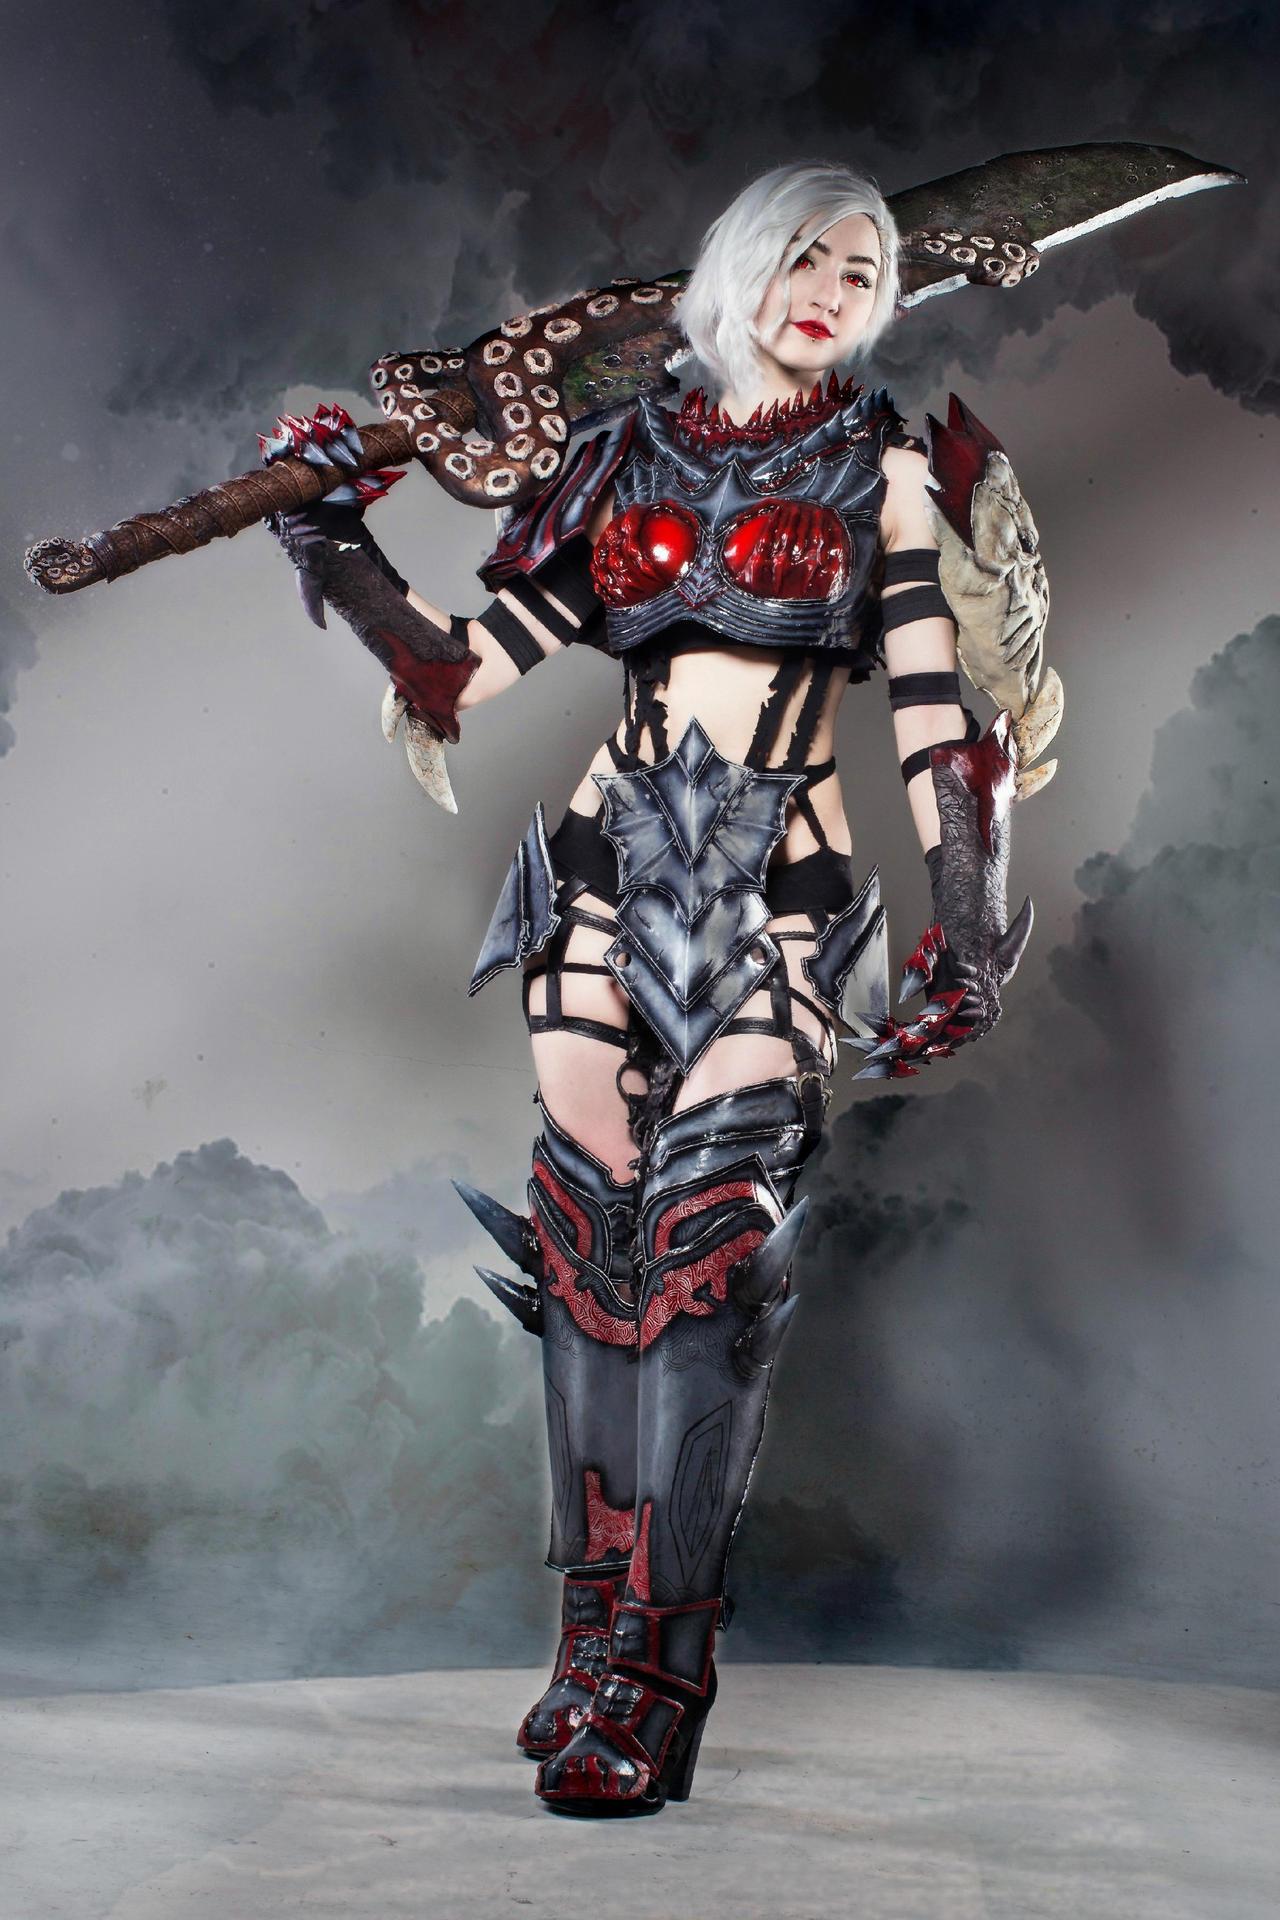 Warrior - Guild Wars 2 by luxxlo on DeviantArt